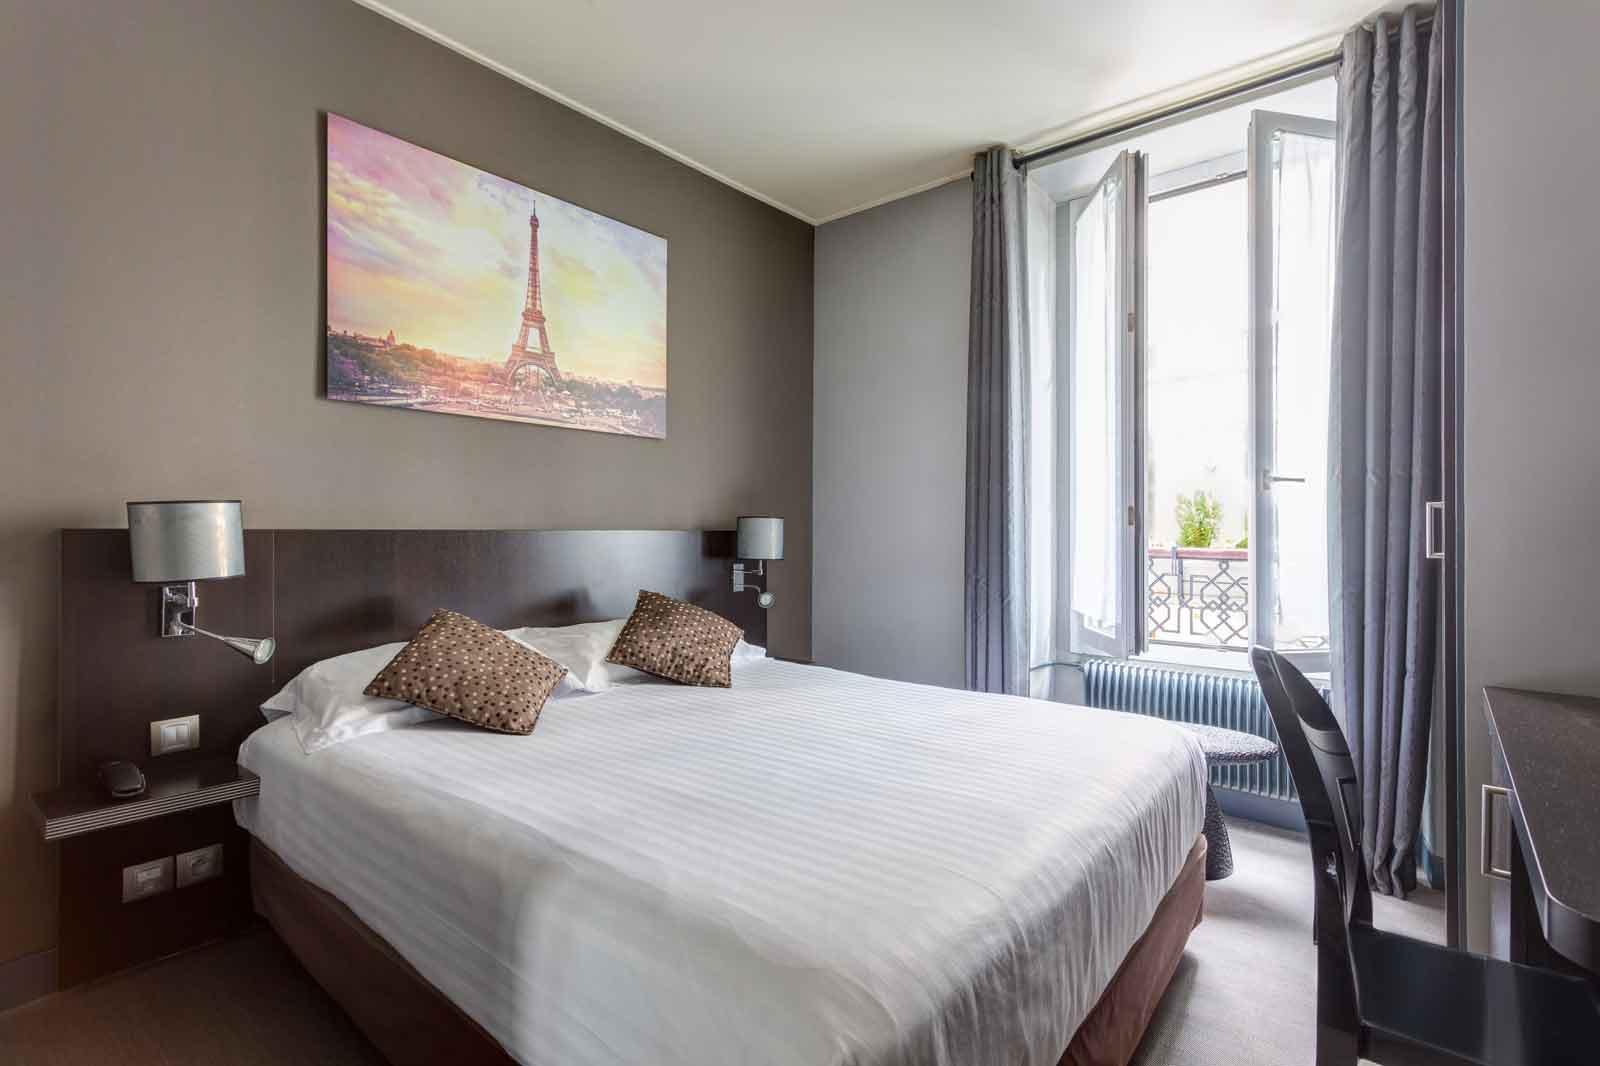 chambre double hotel jardin de villiers paris 17. Black Bedroom Furniture Sets. Home Design Ideas